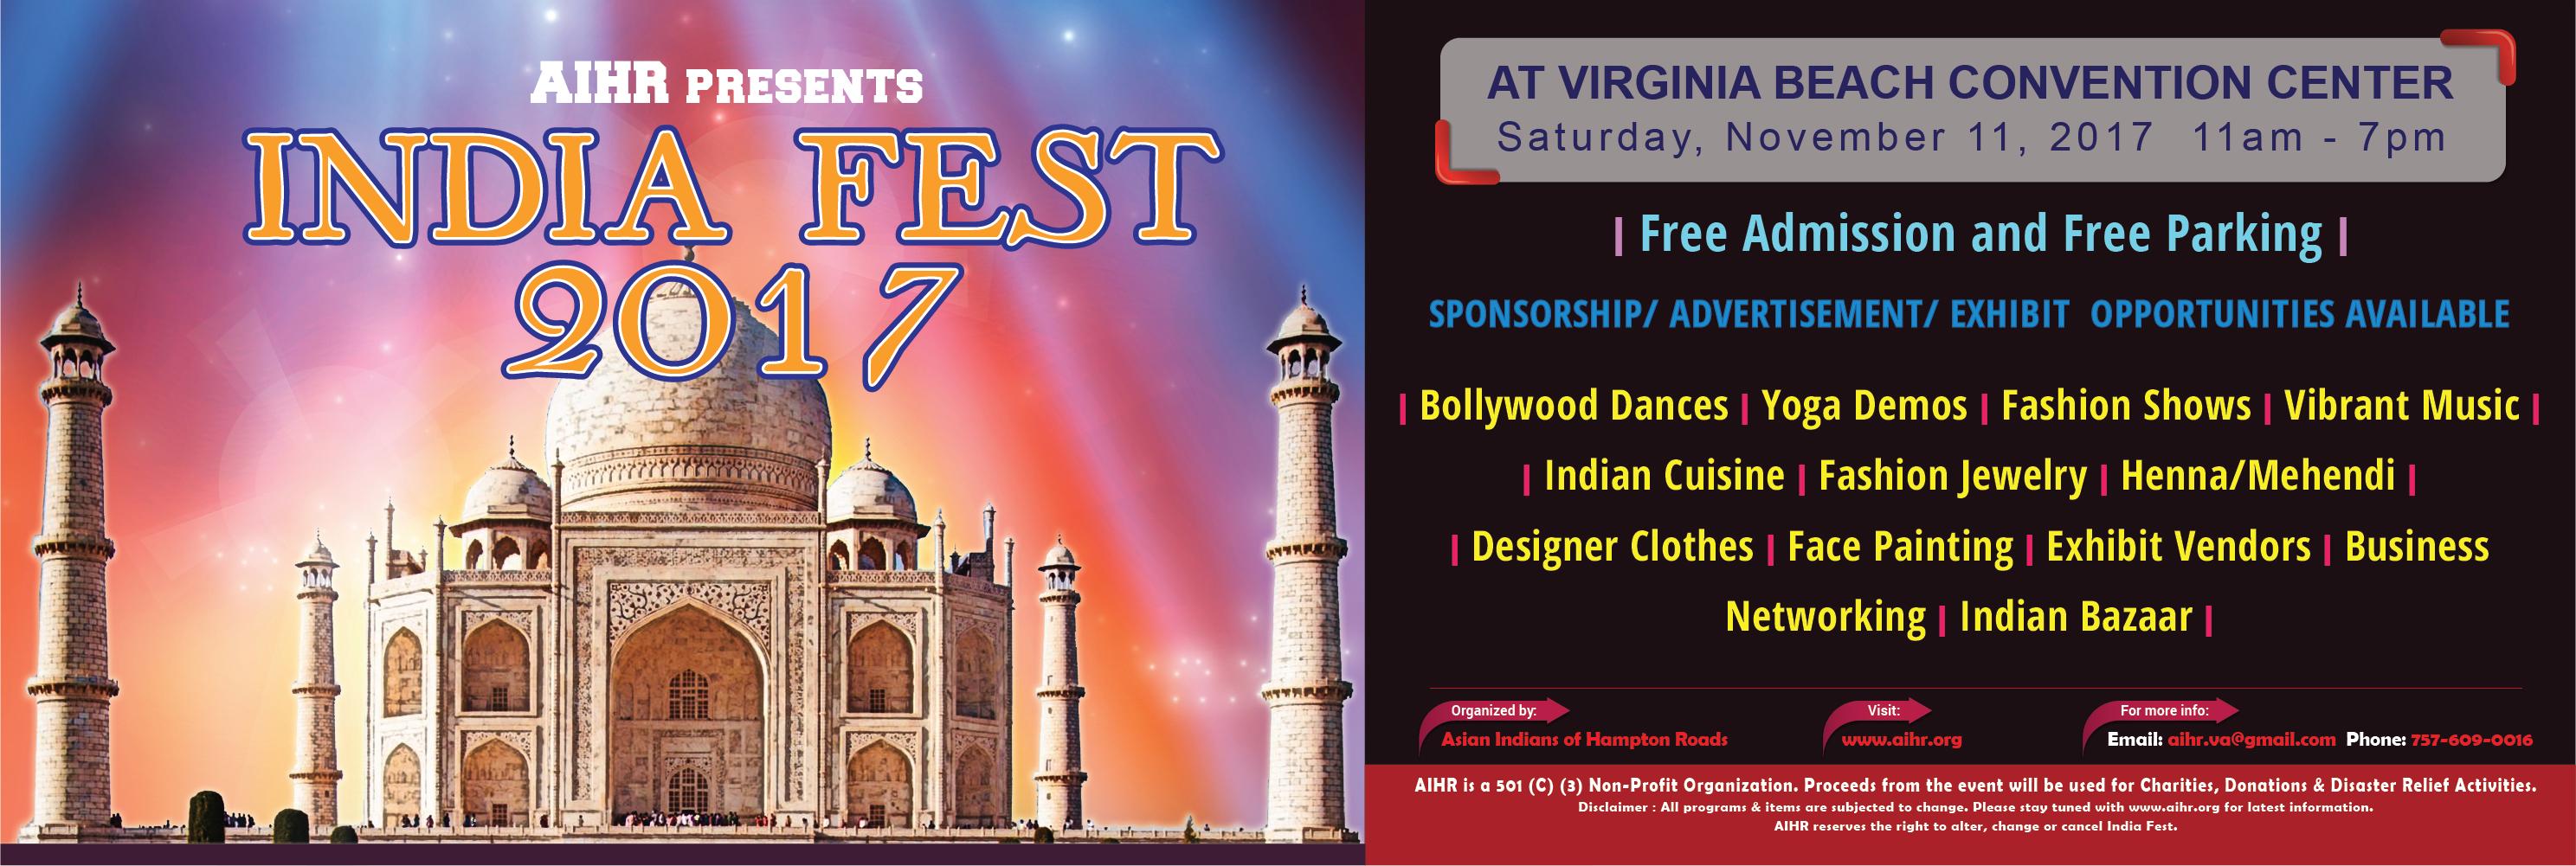 India Fest Virginia Beach Nov